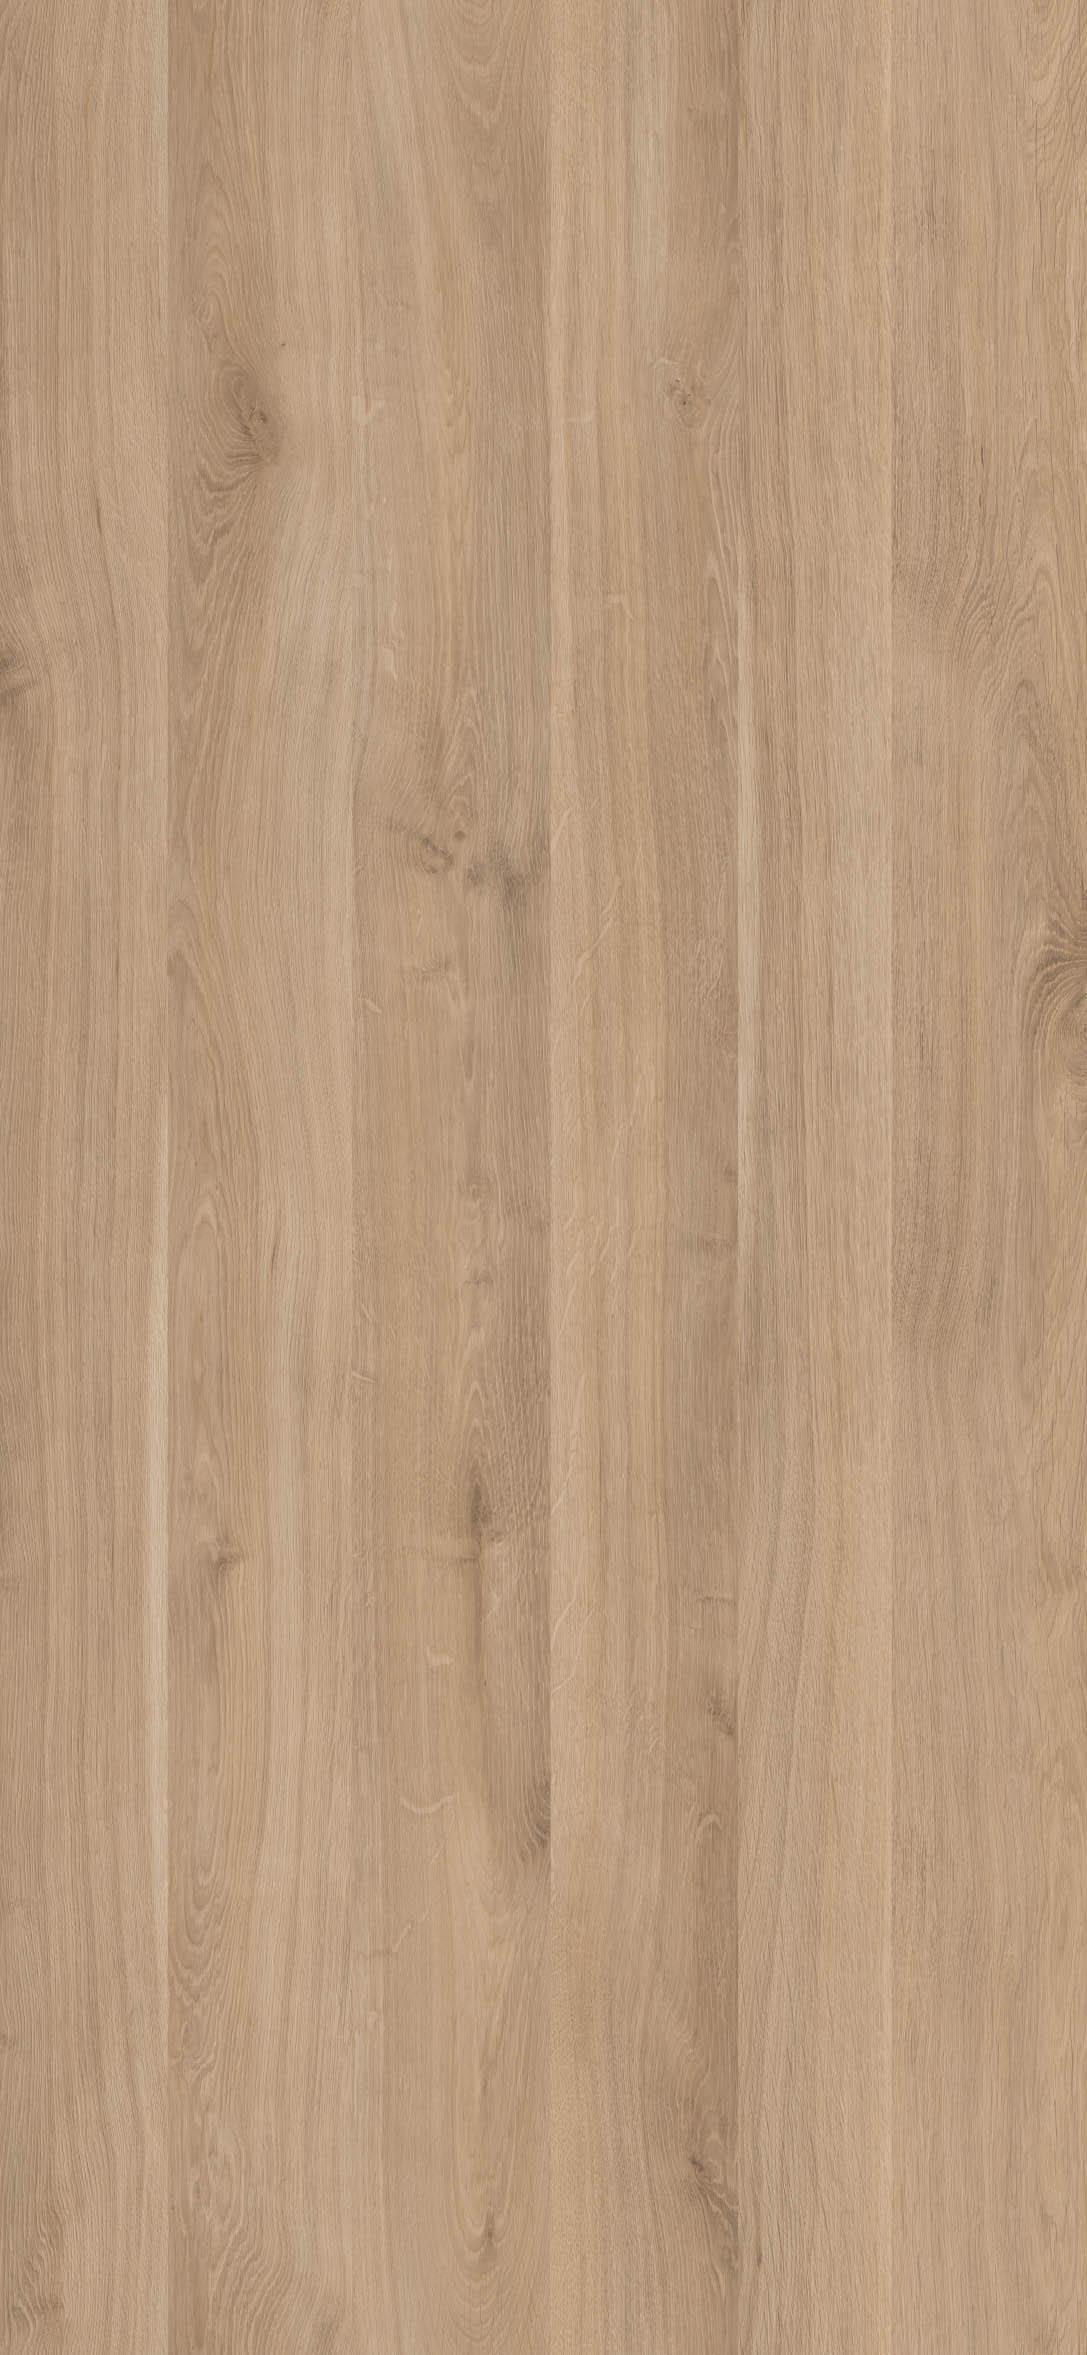 Caramel Oak,BK8